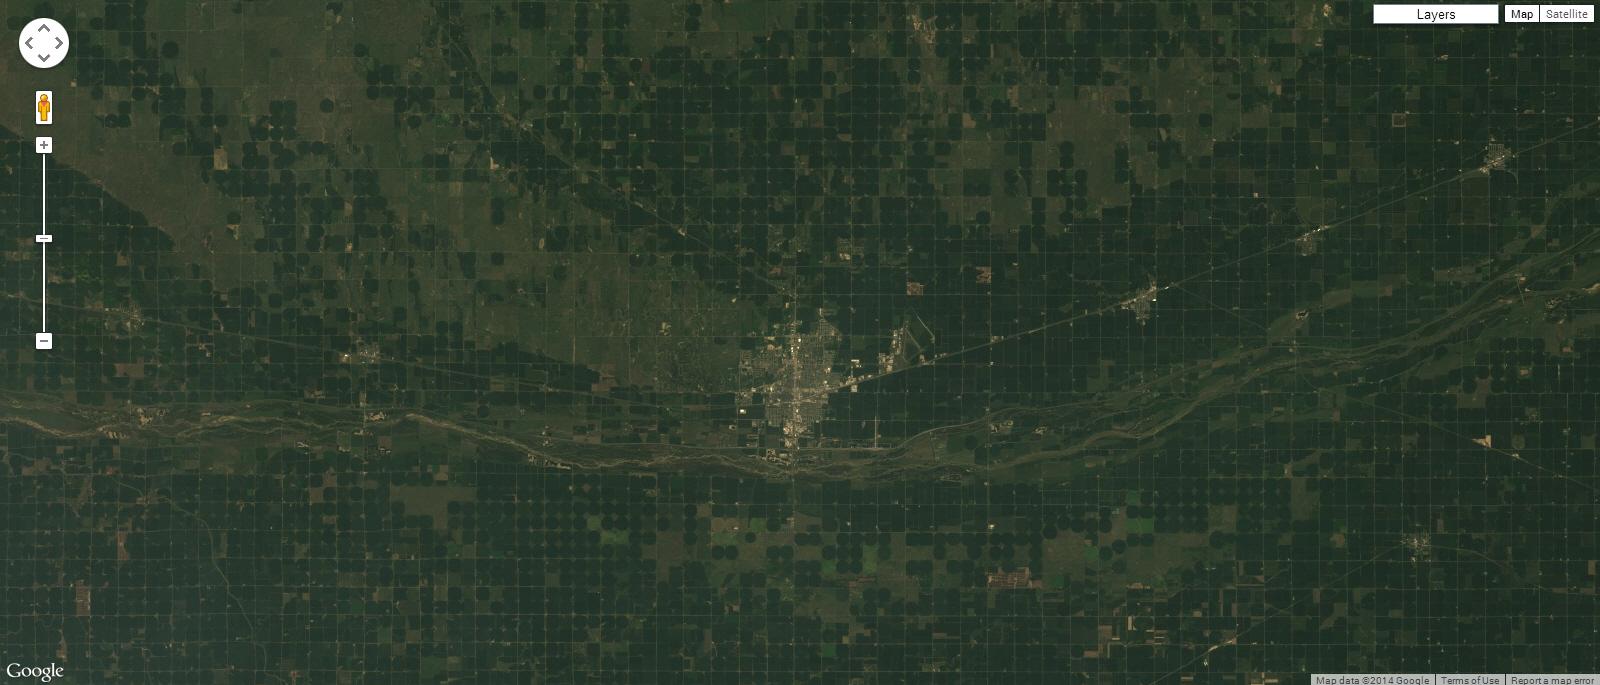 Kearney Nebraska Landsat in EE.jpg